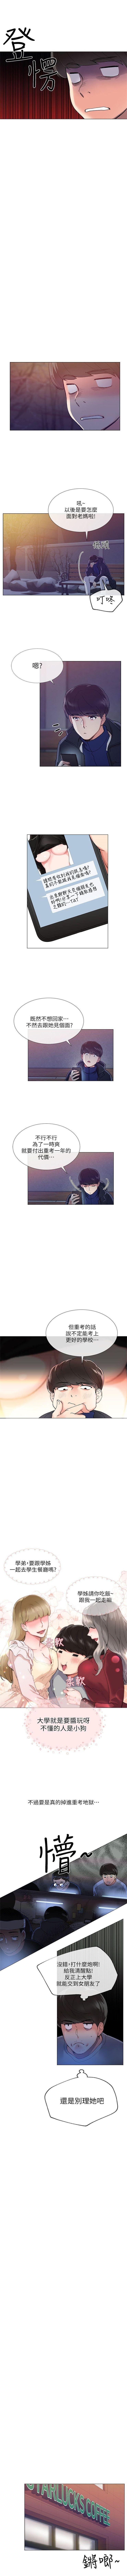 (週5)重考生 1-52 中文翻譯(更新中) 3